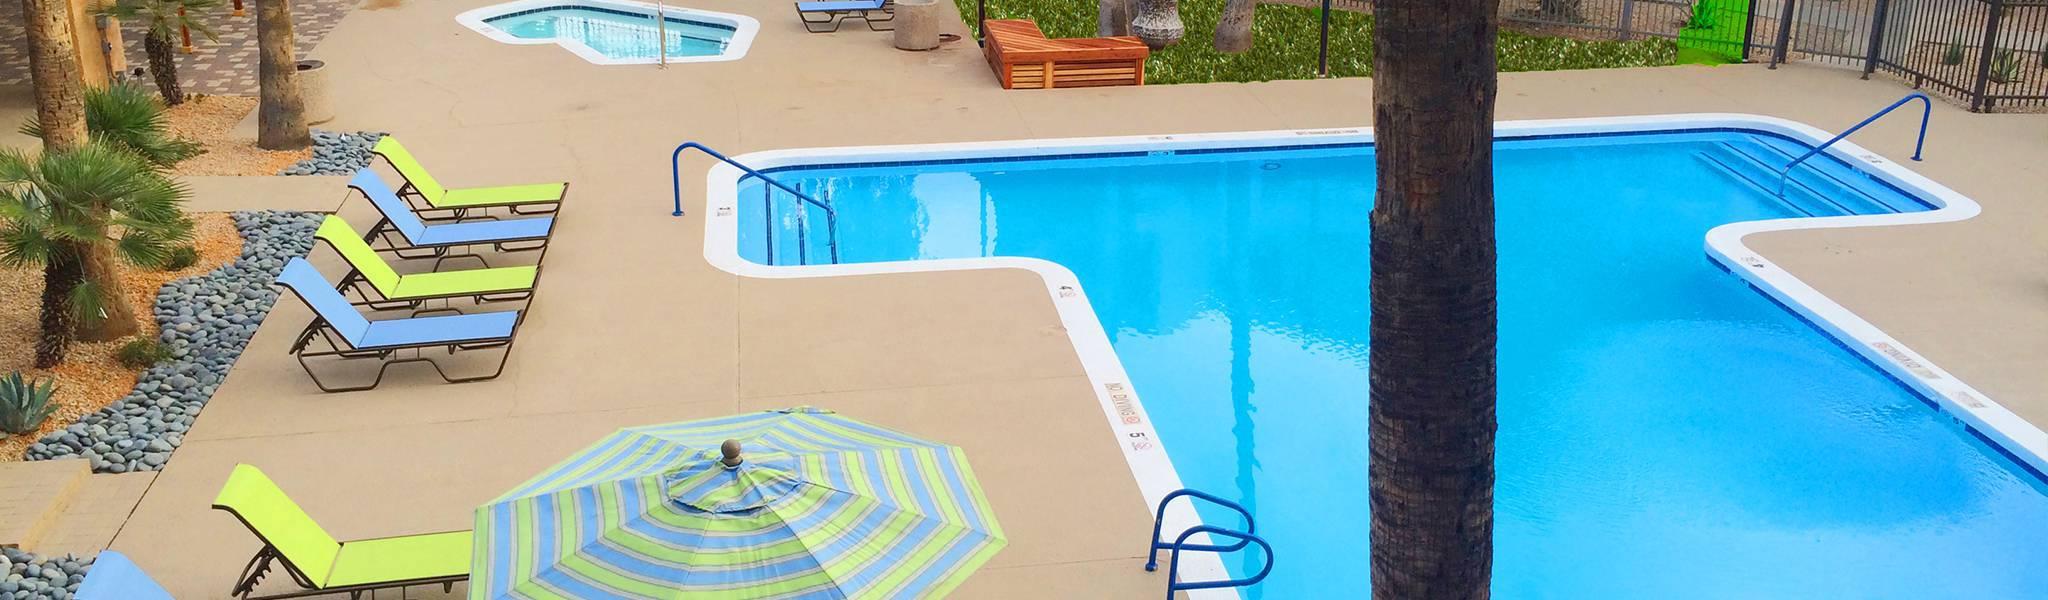 Mesa az apartments for rent aspen square management for Pool fill in mesa az